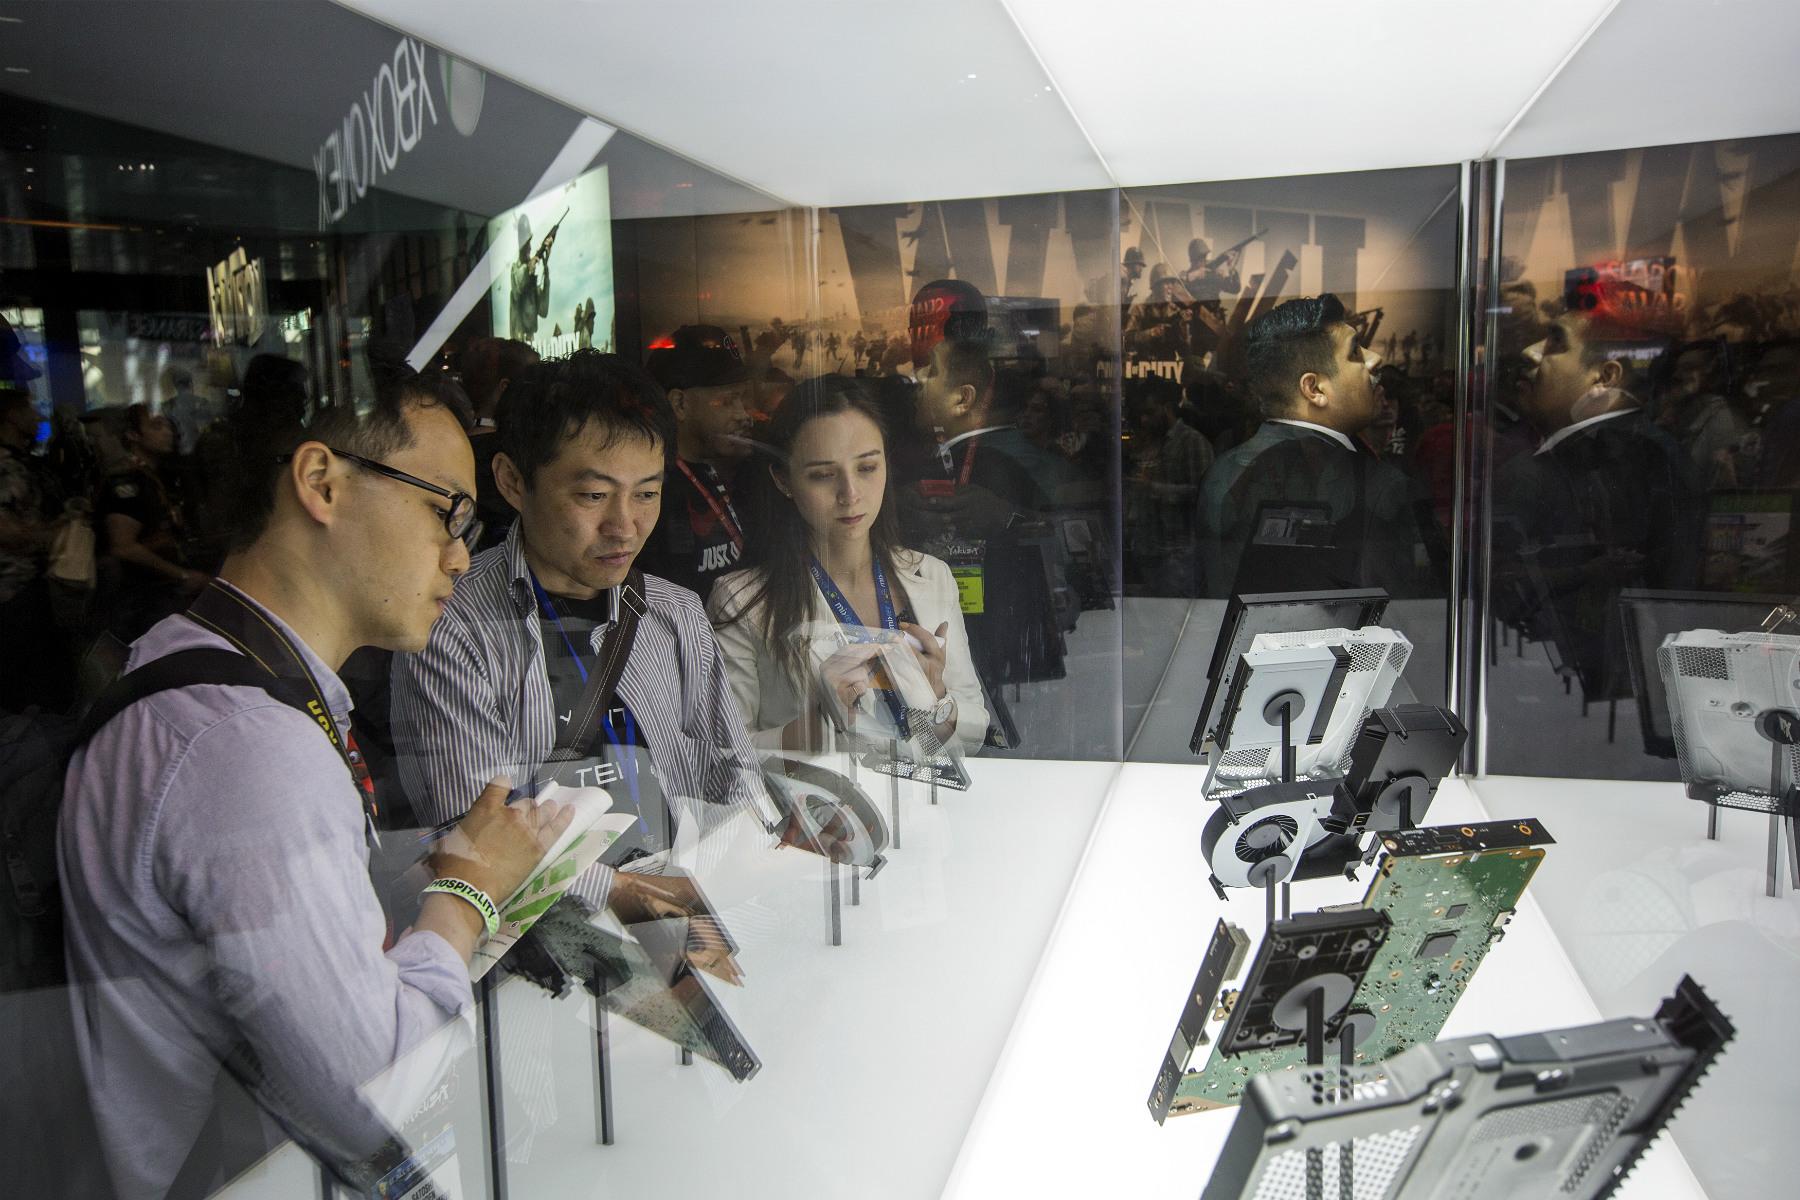 Podznakiem crunchu – branża gier wideo nagmiennie łamie prawa pracowników, także wPolsce